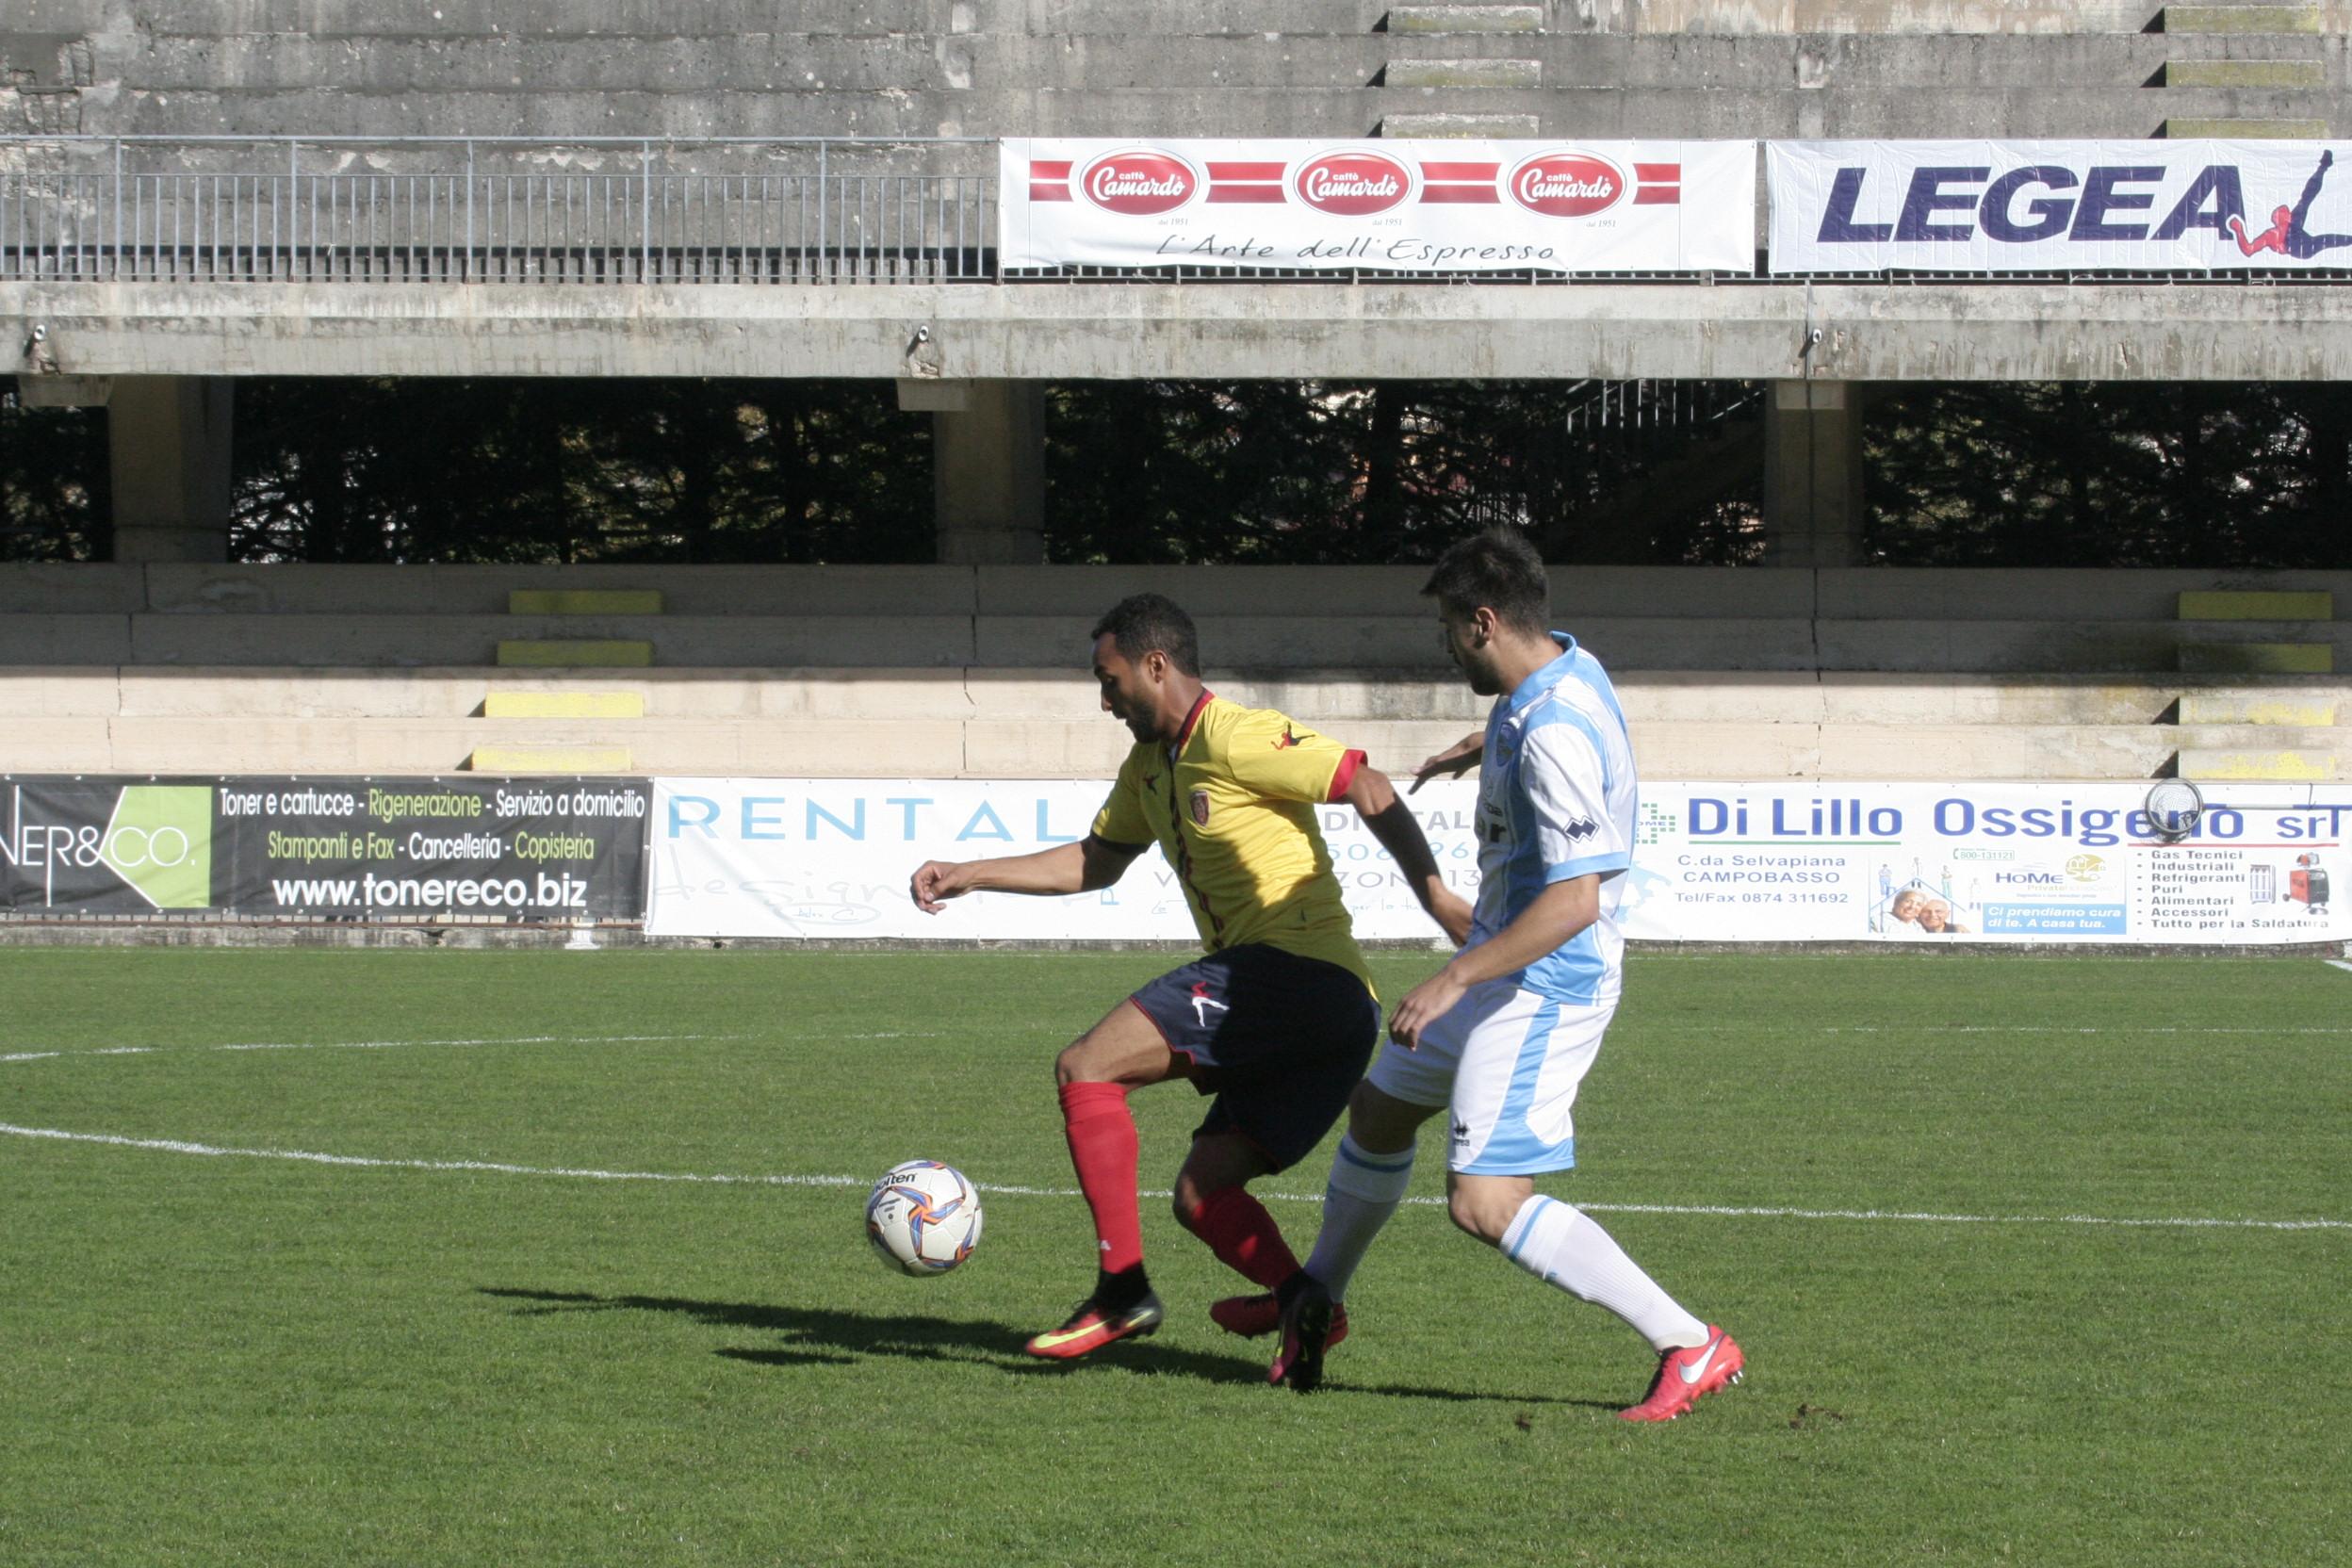 Serie D, Campobasso sotterrato dal San Nicolò